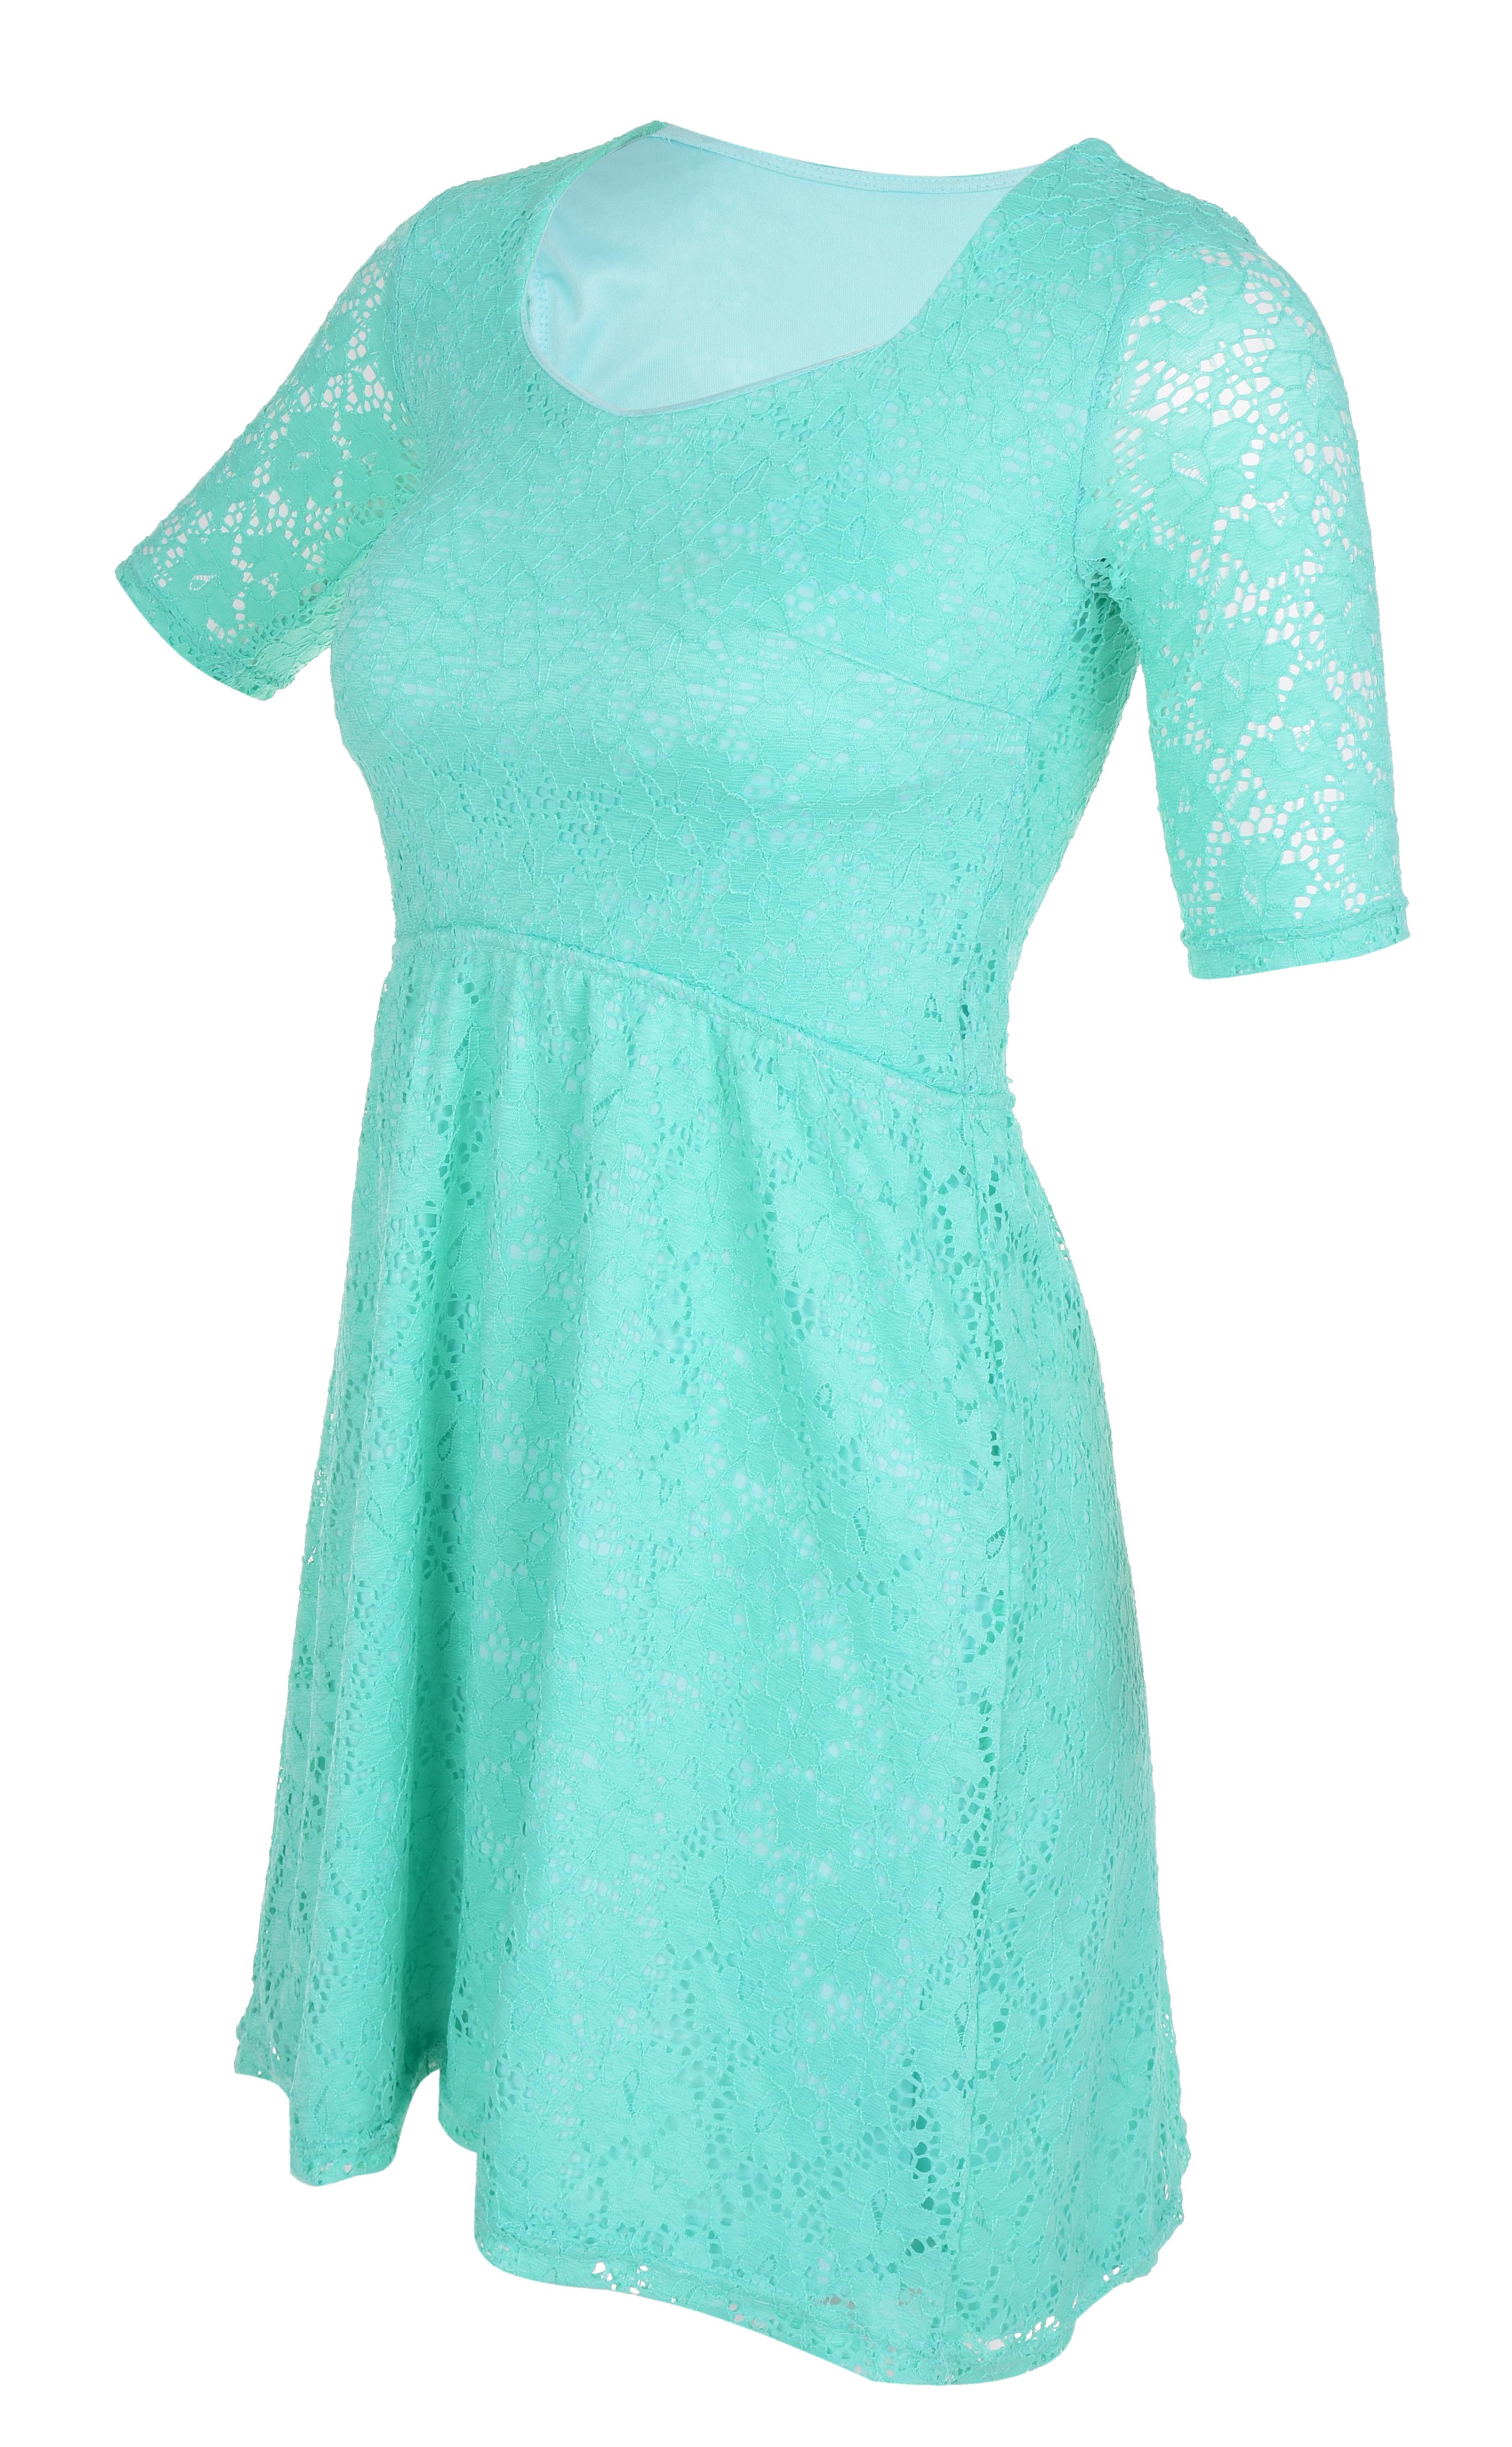 LACY krajkové šaty s podšívkou mint/tyrkysové